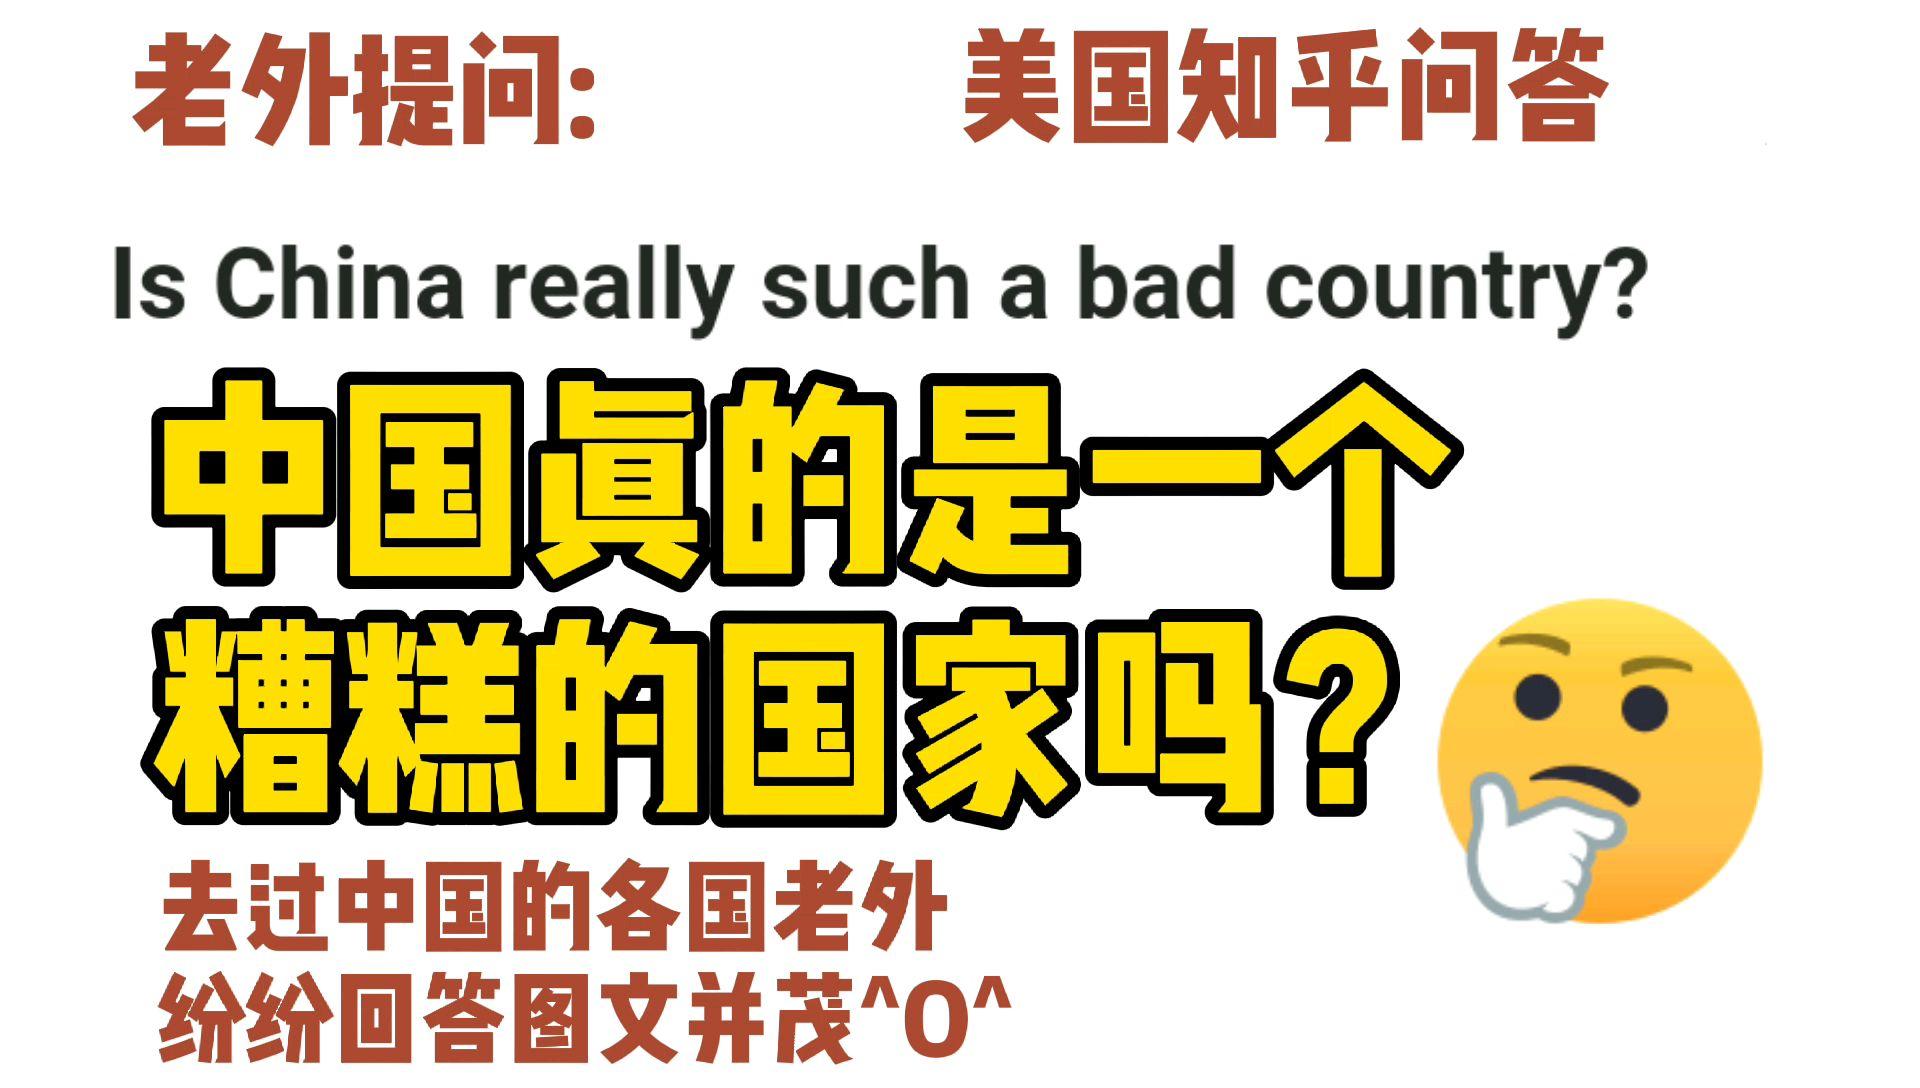 美国知乎,中国真的是一个糟糕的国家吗?去过中国的各国老外纷纷回答图文并茂^O^